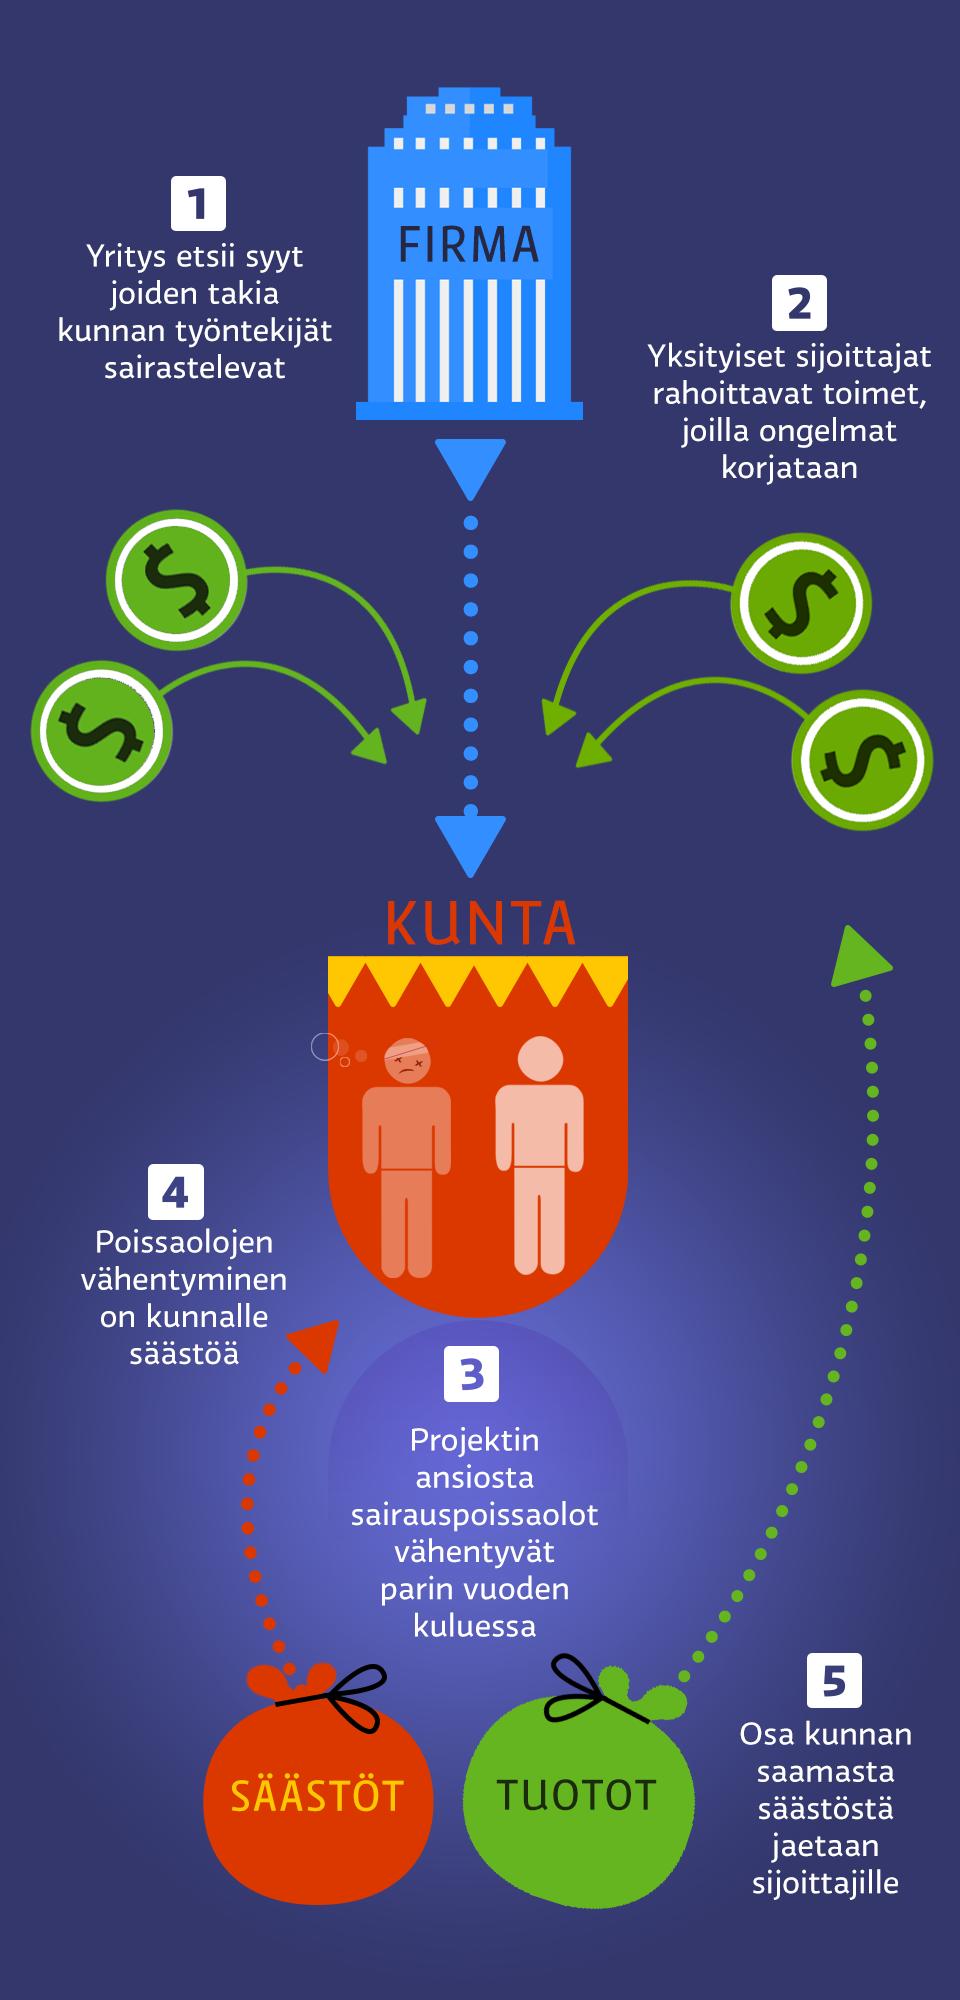 http://img.yle.fi/uutiset/talous/article8070943.ece/ALTERNATES/w960/12_6_ONL_kunta_sairauspoissaolot_parviala.png